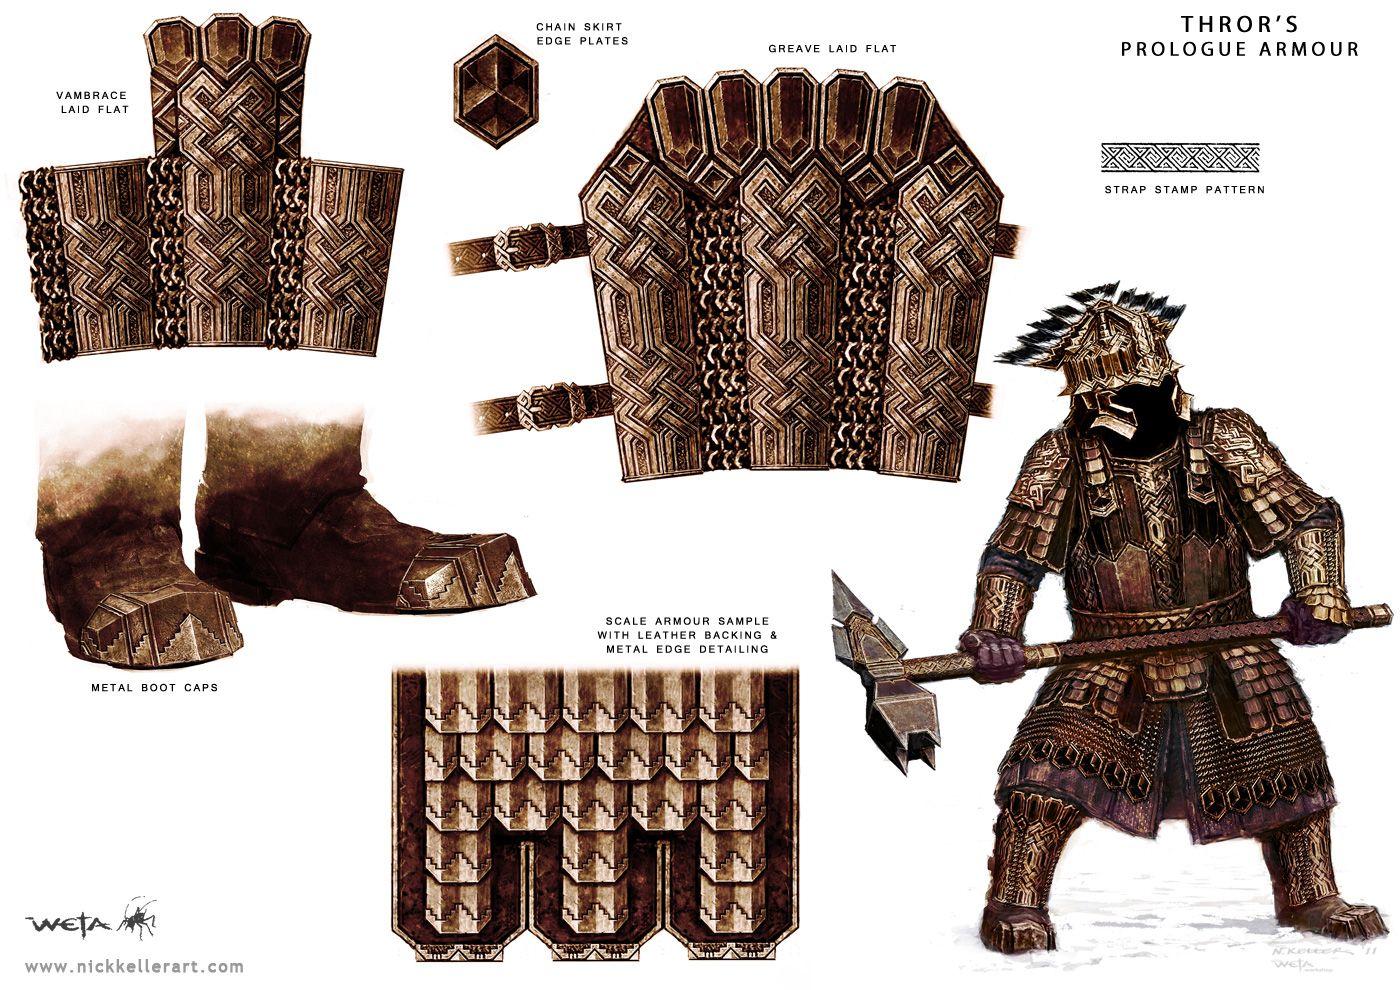 Thror's armour